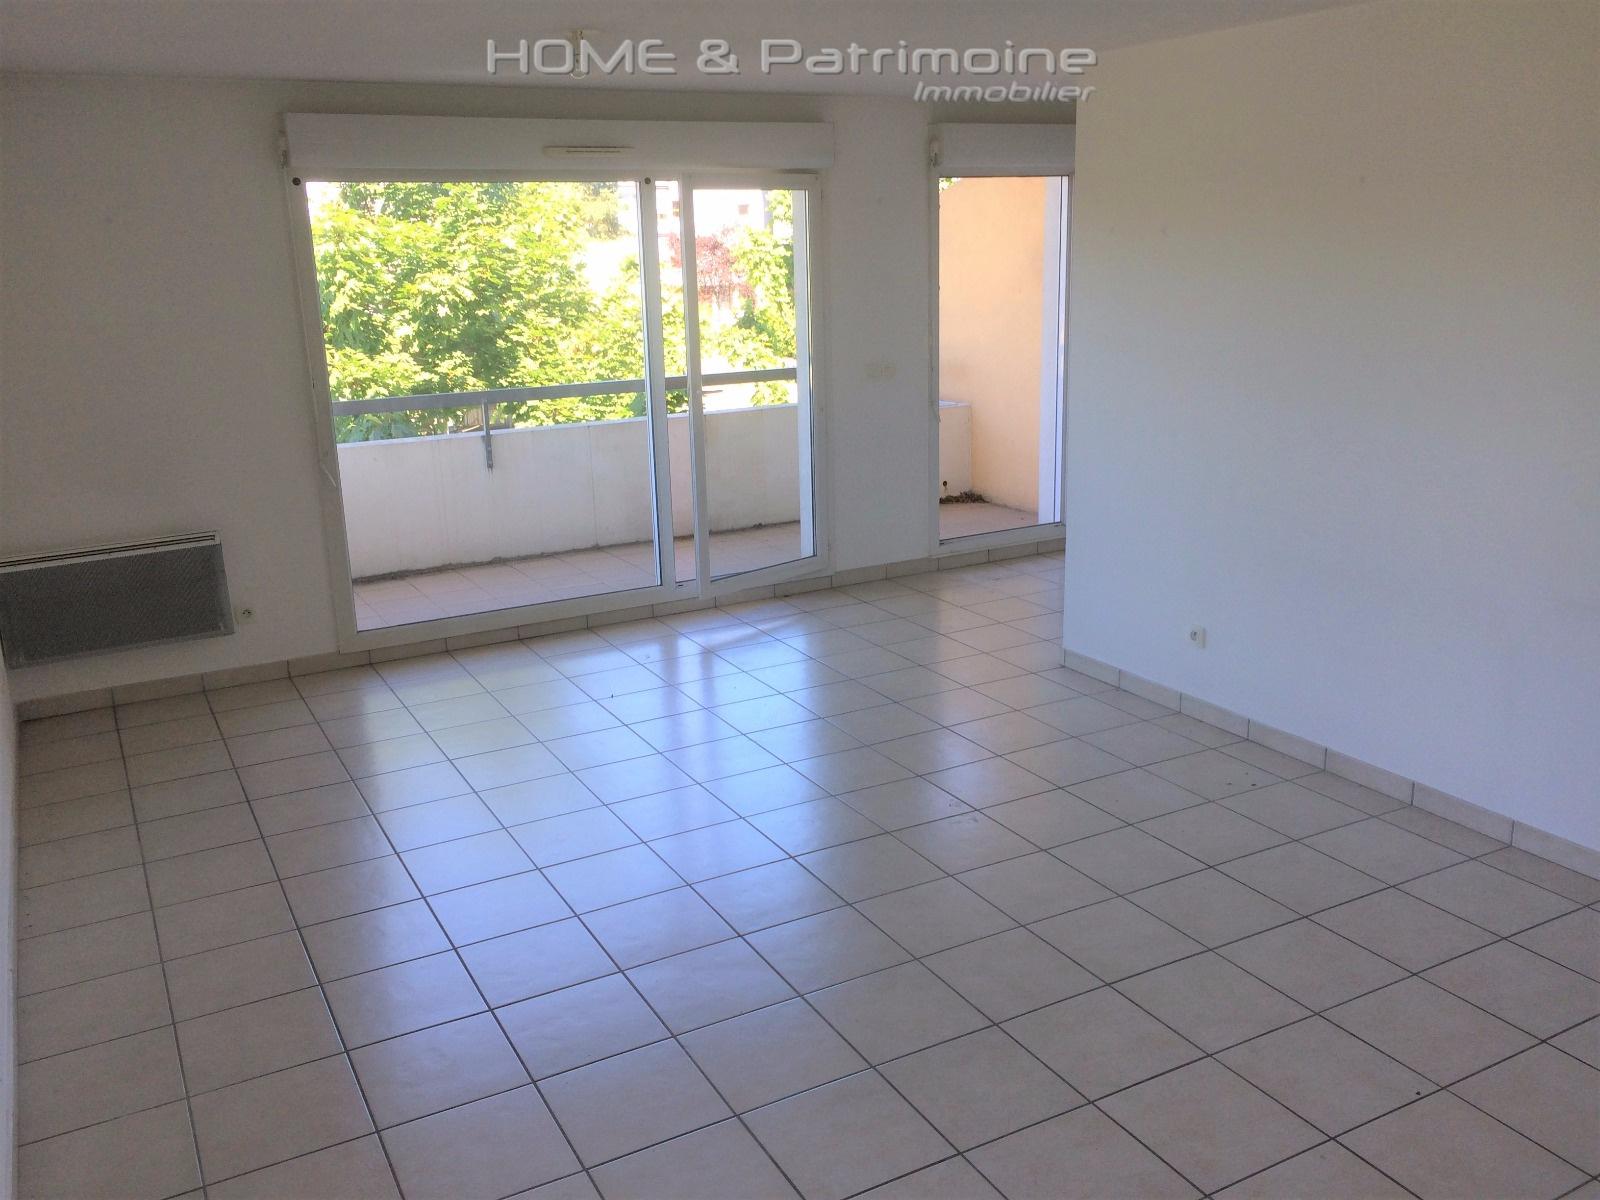 vente appartement thonon les bains appartement vendre thonon les bains. Black Bedroom Furniture Sets. Home Design Ideas